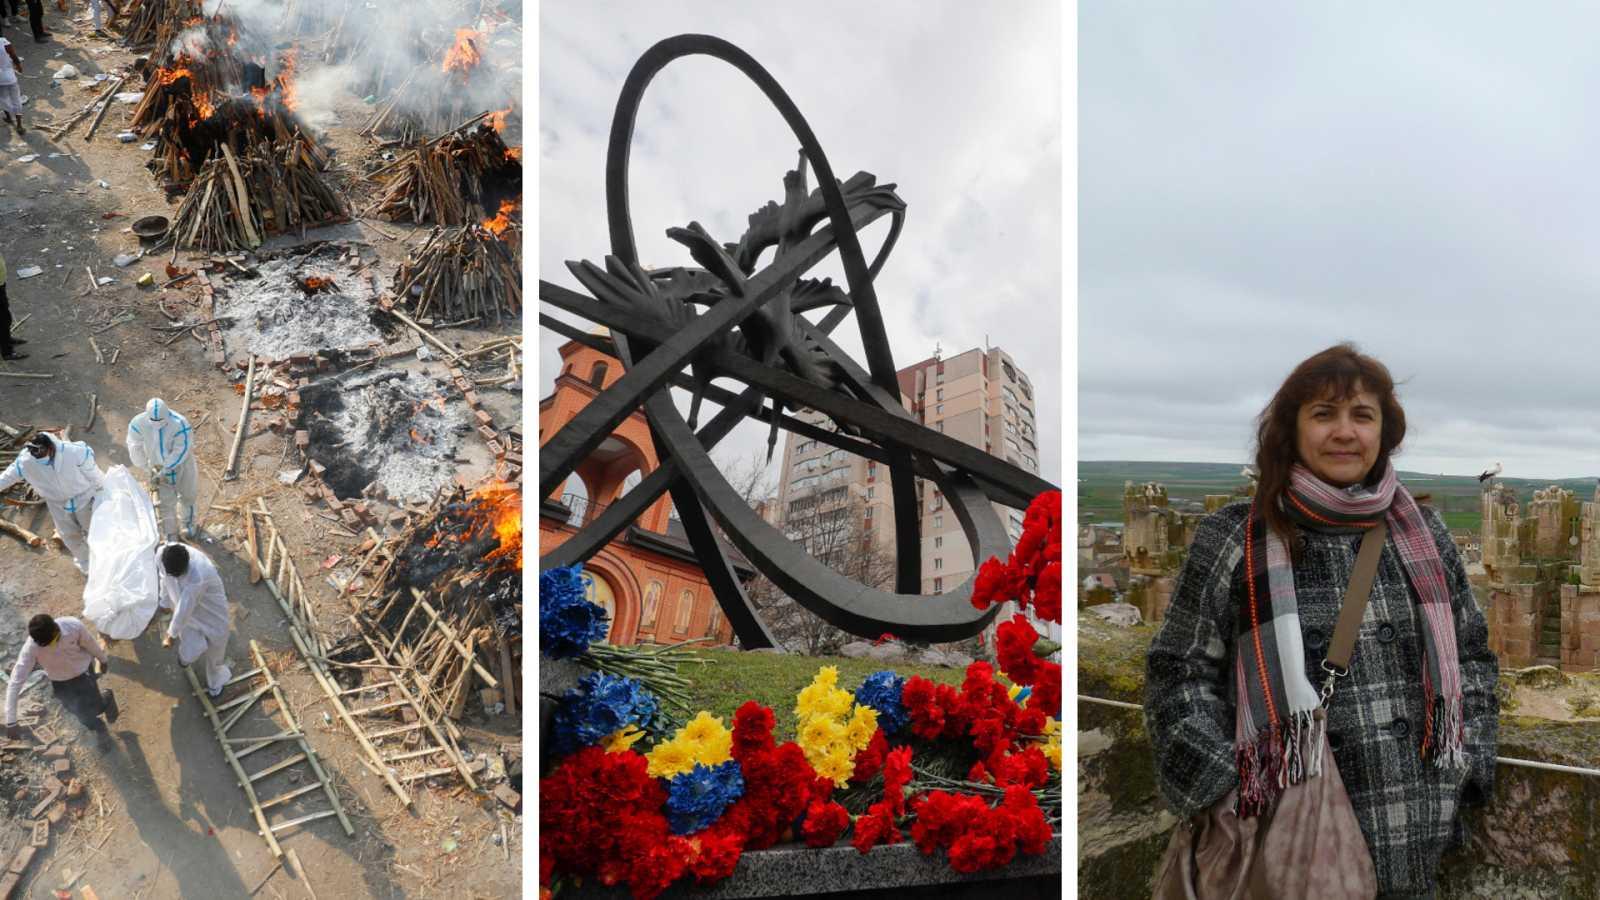 Cinco continentes - Catástrofe en India - Escuchara ahora